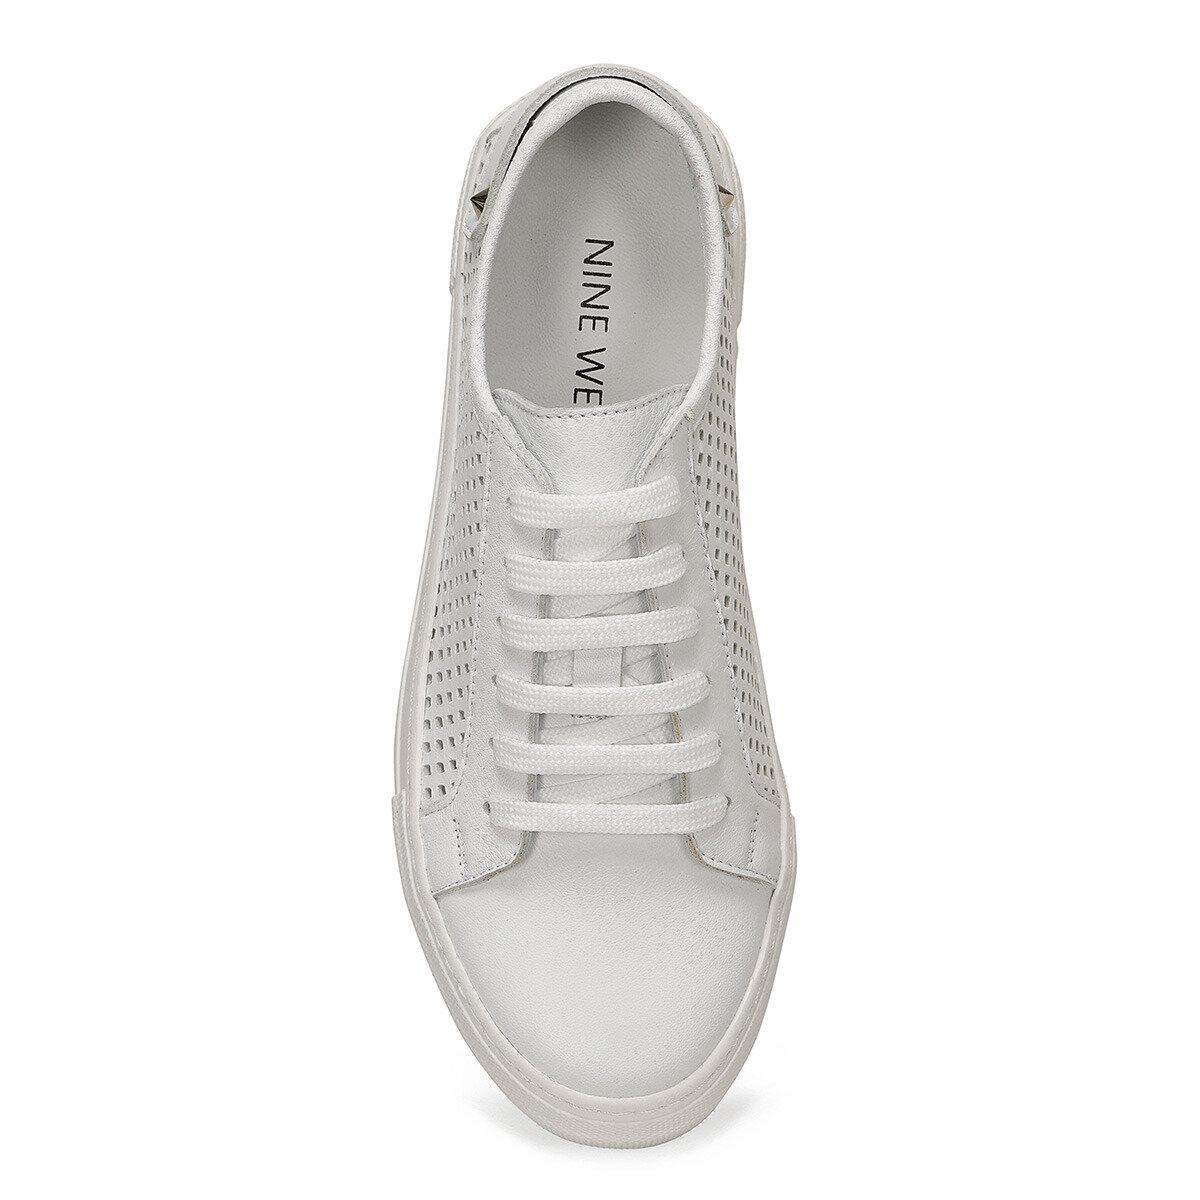 EDITH Beyaz Kadın Spor Ayakkabı